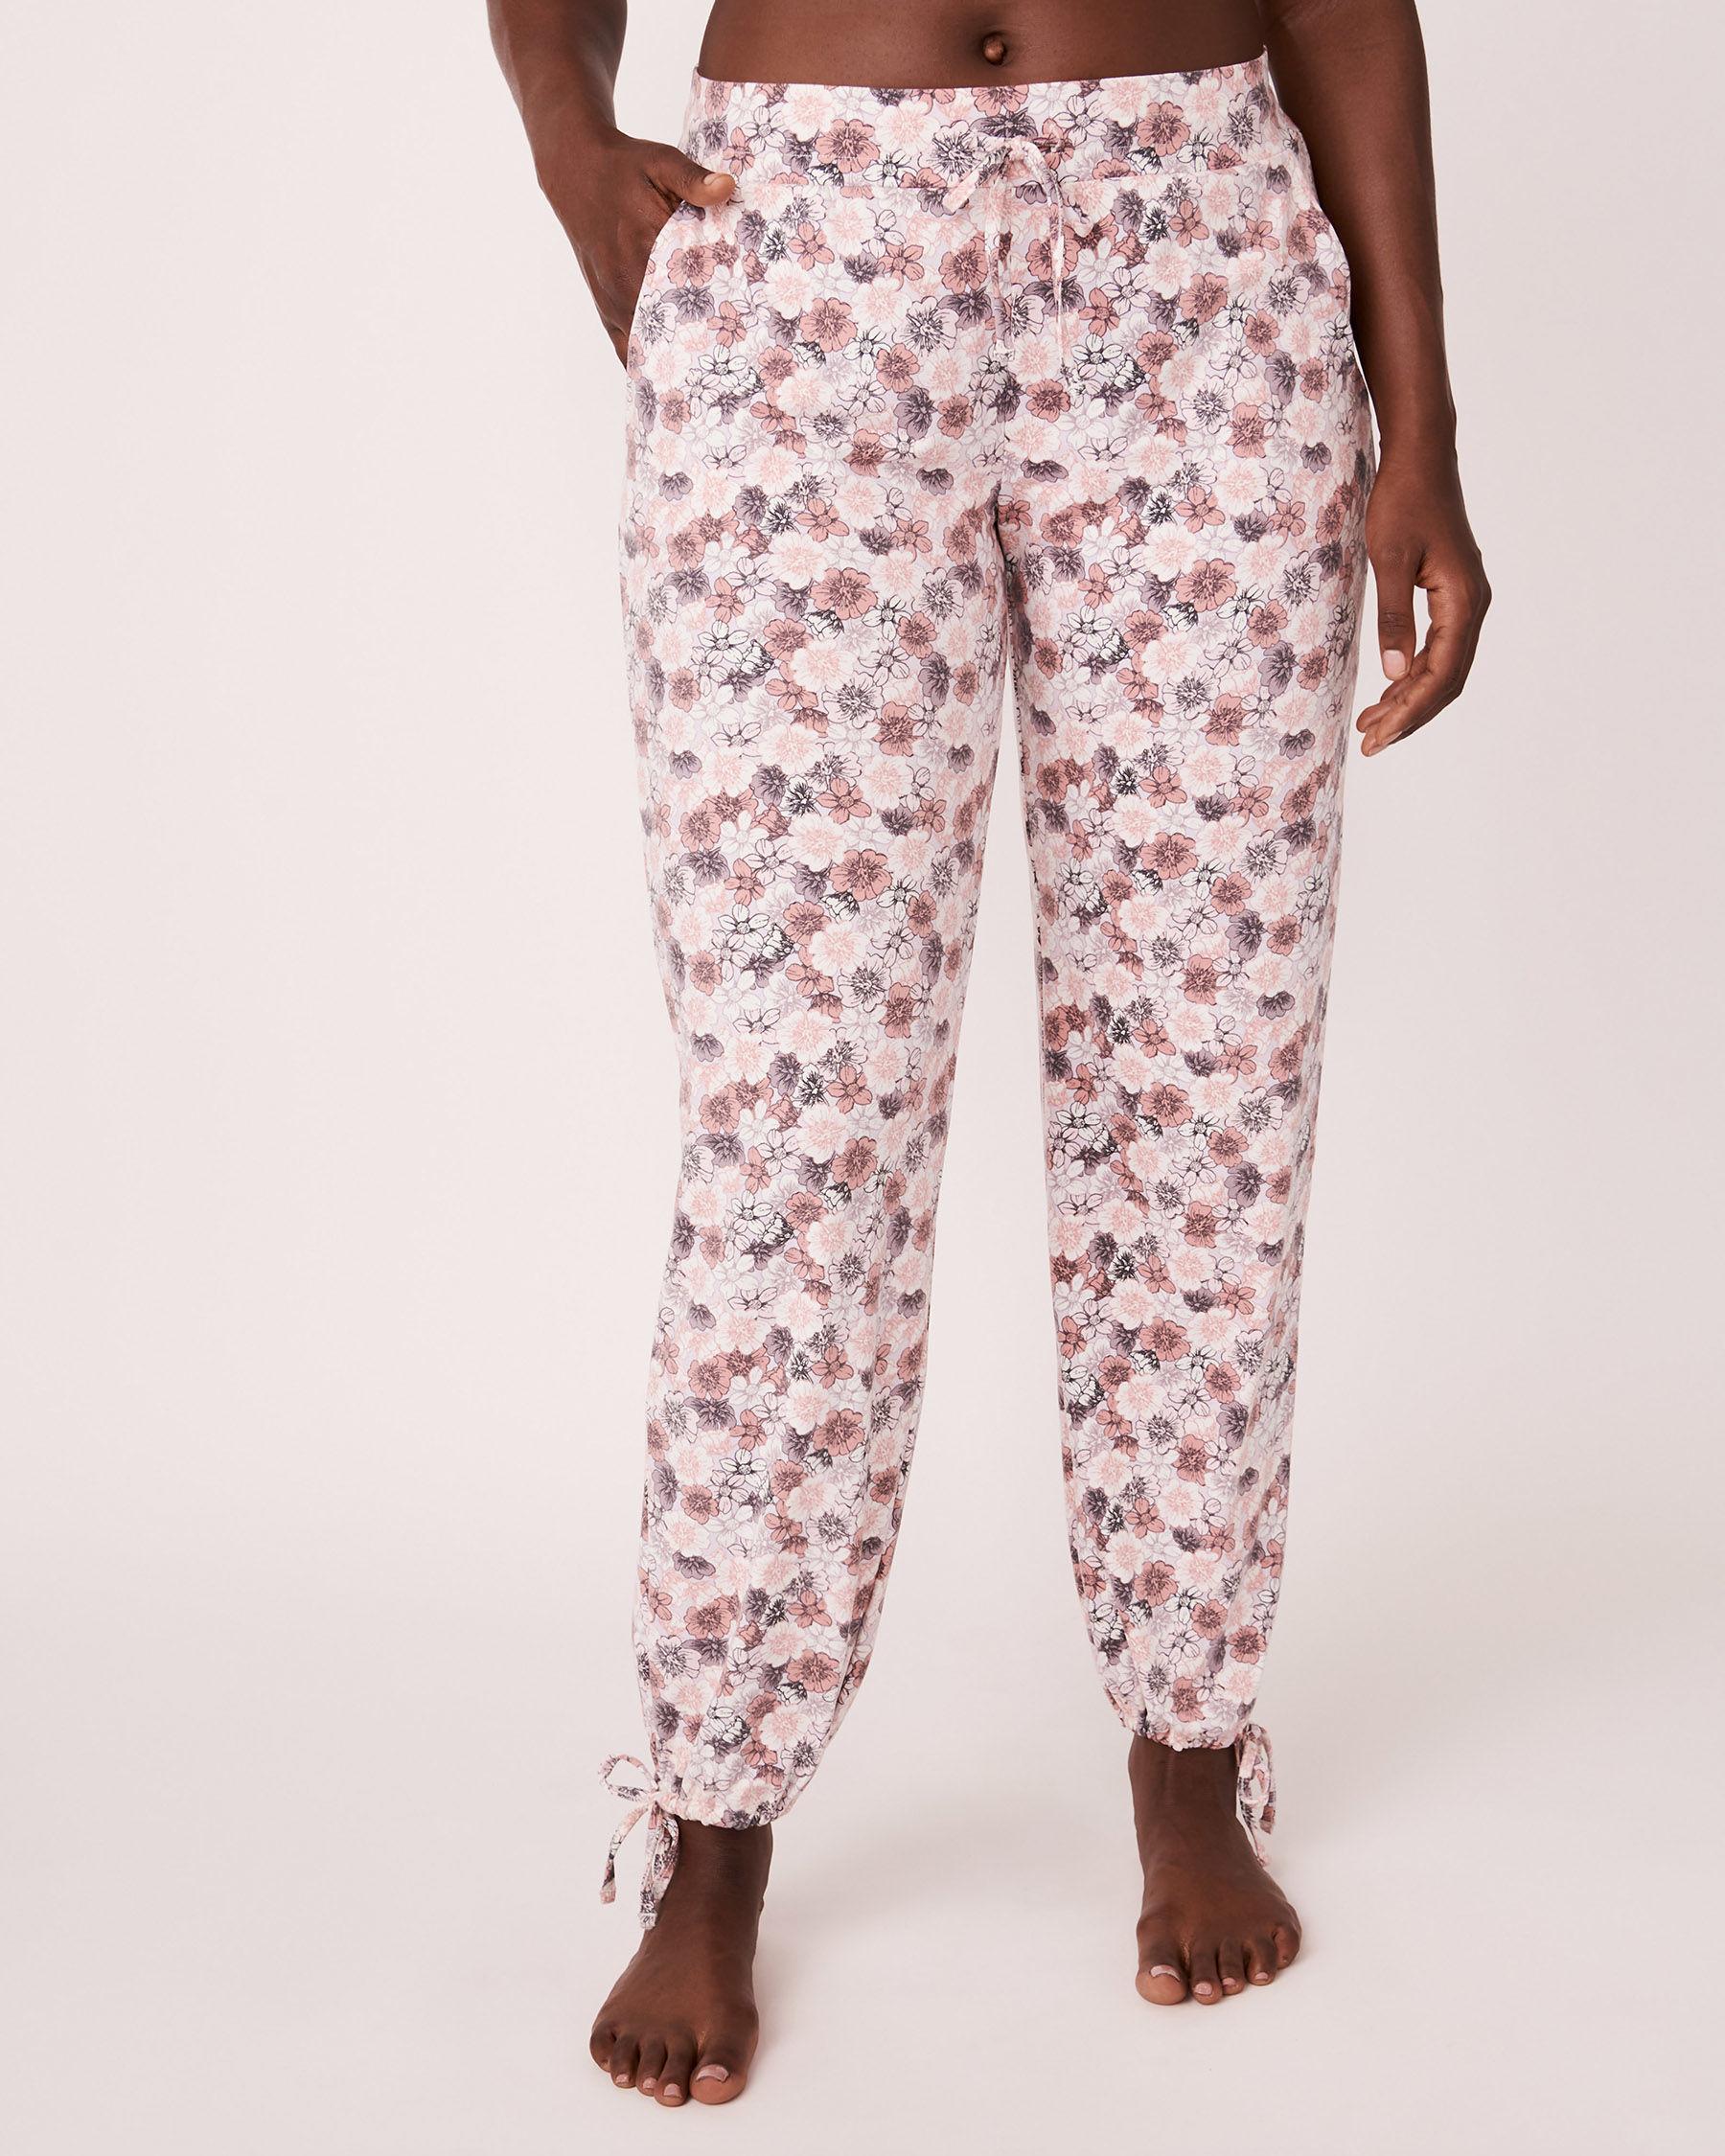 LA VIE EN ROSE Adjustable Pant Floral print 774-319-0-11 - View1